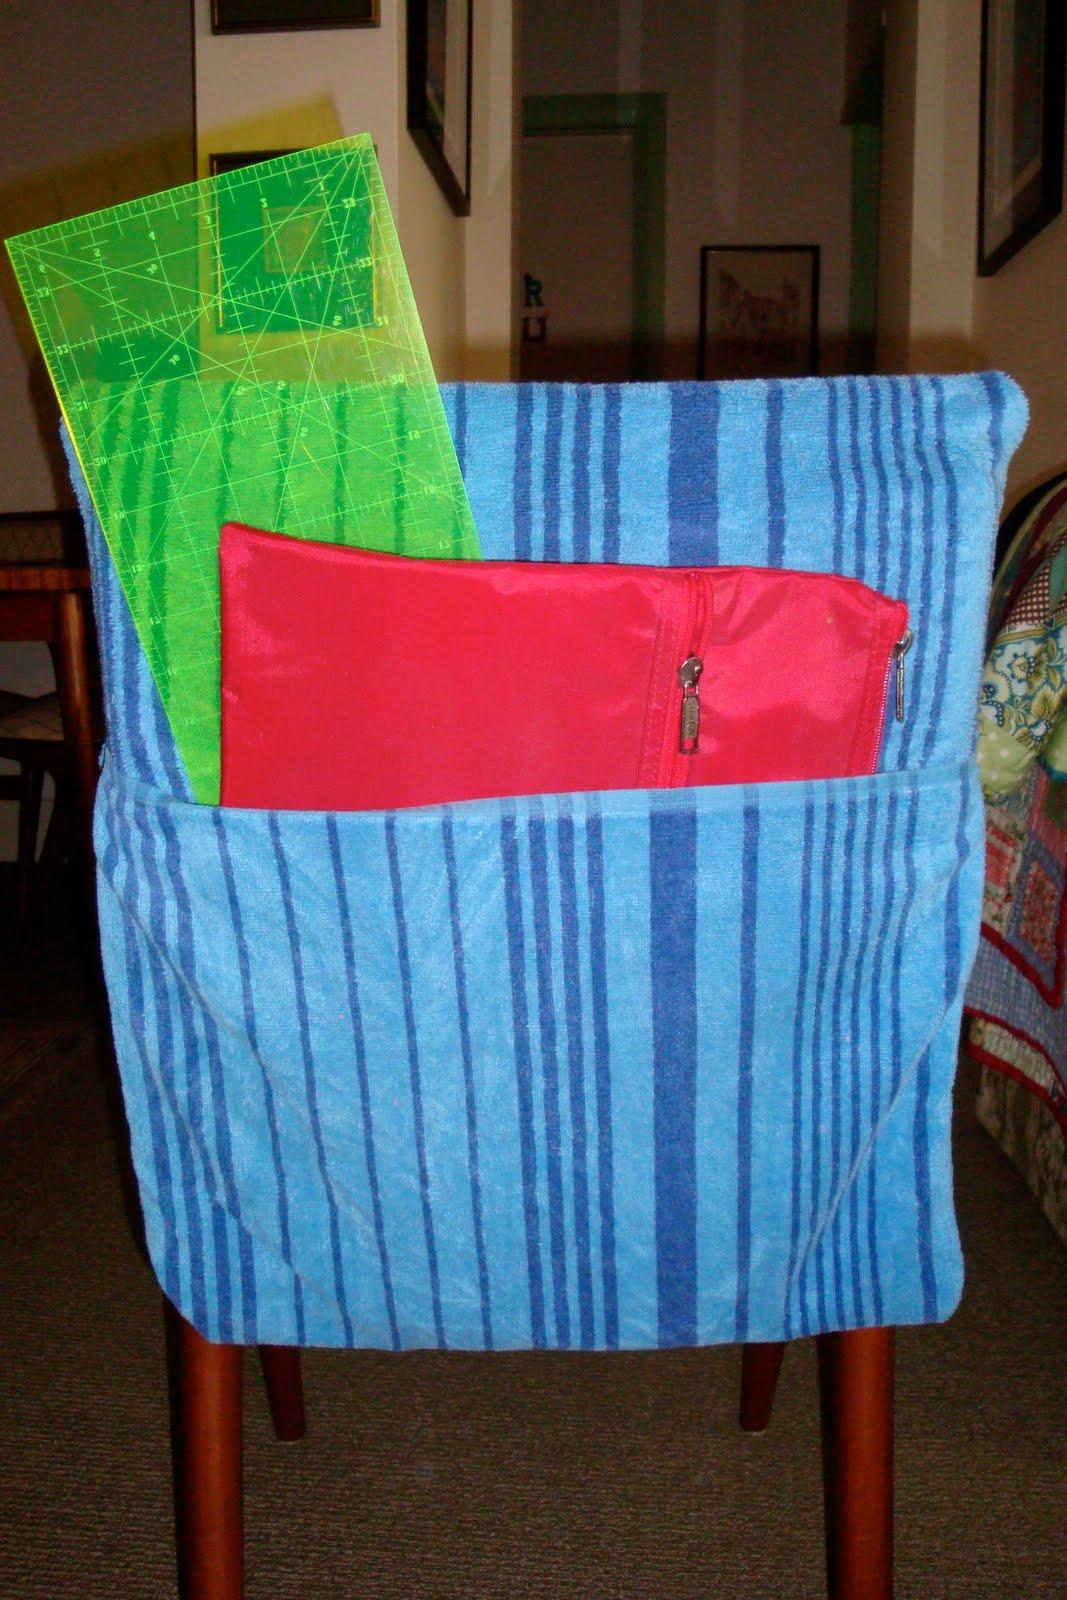 meli B is making things: School Chair Bags